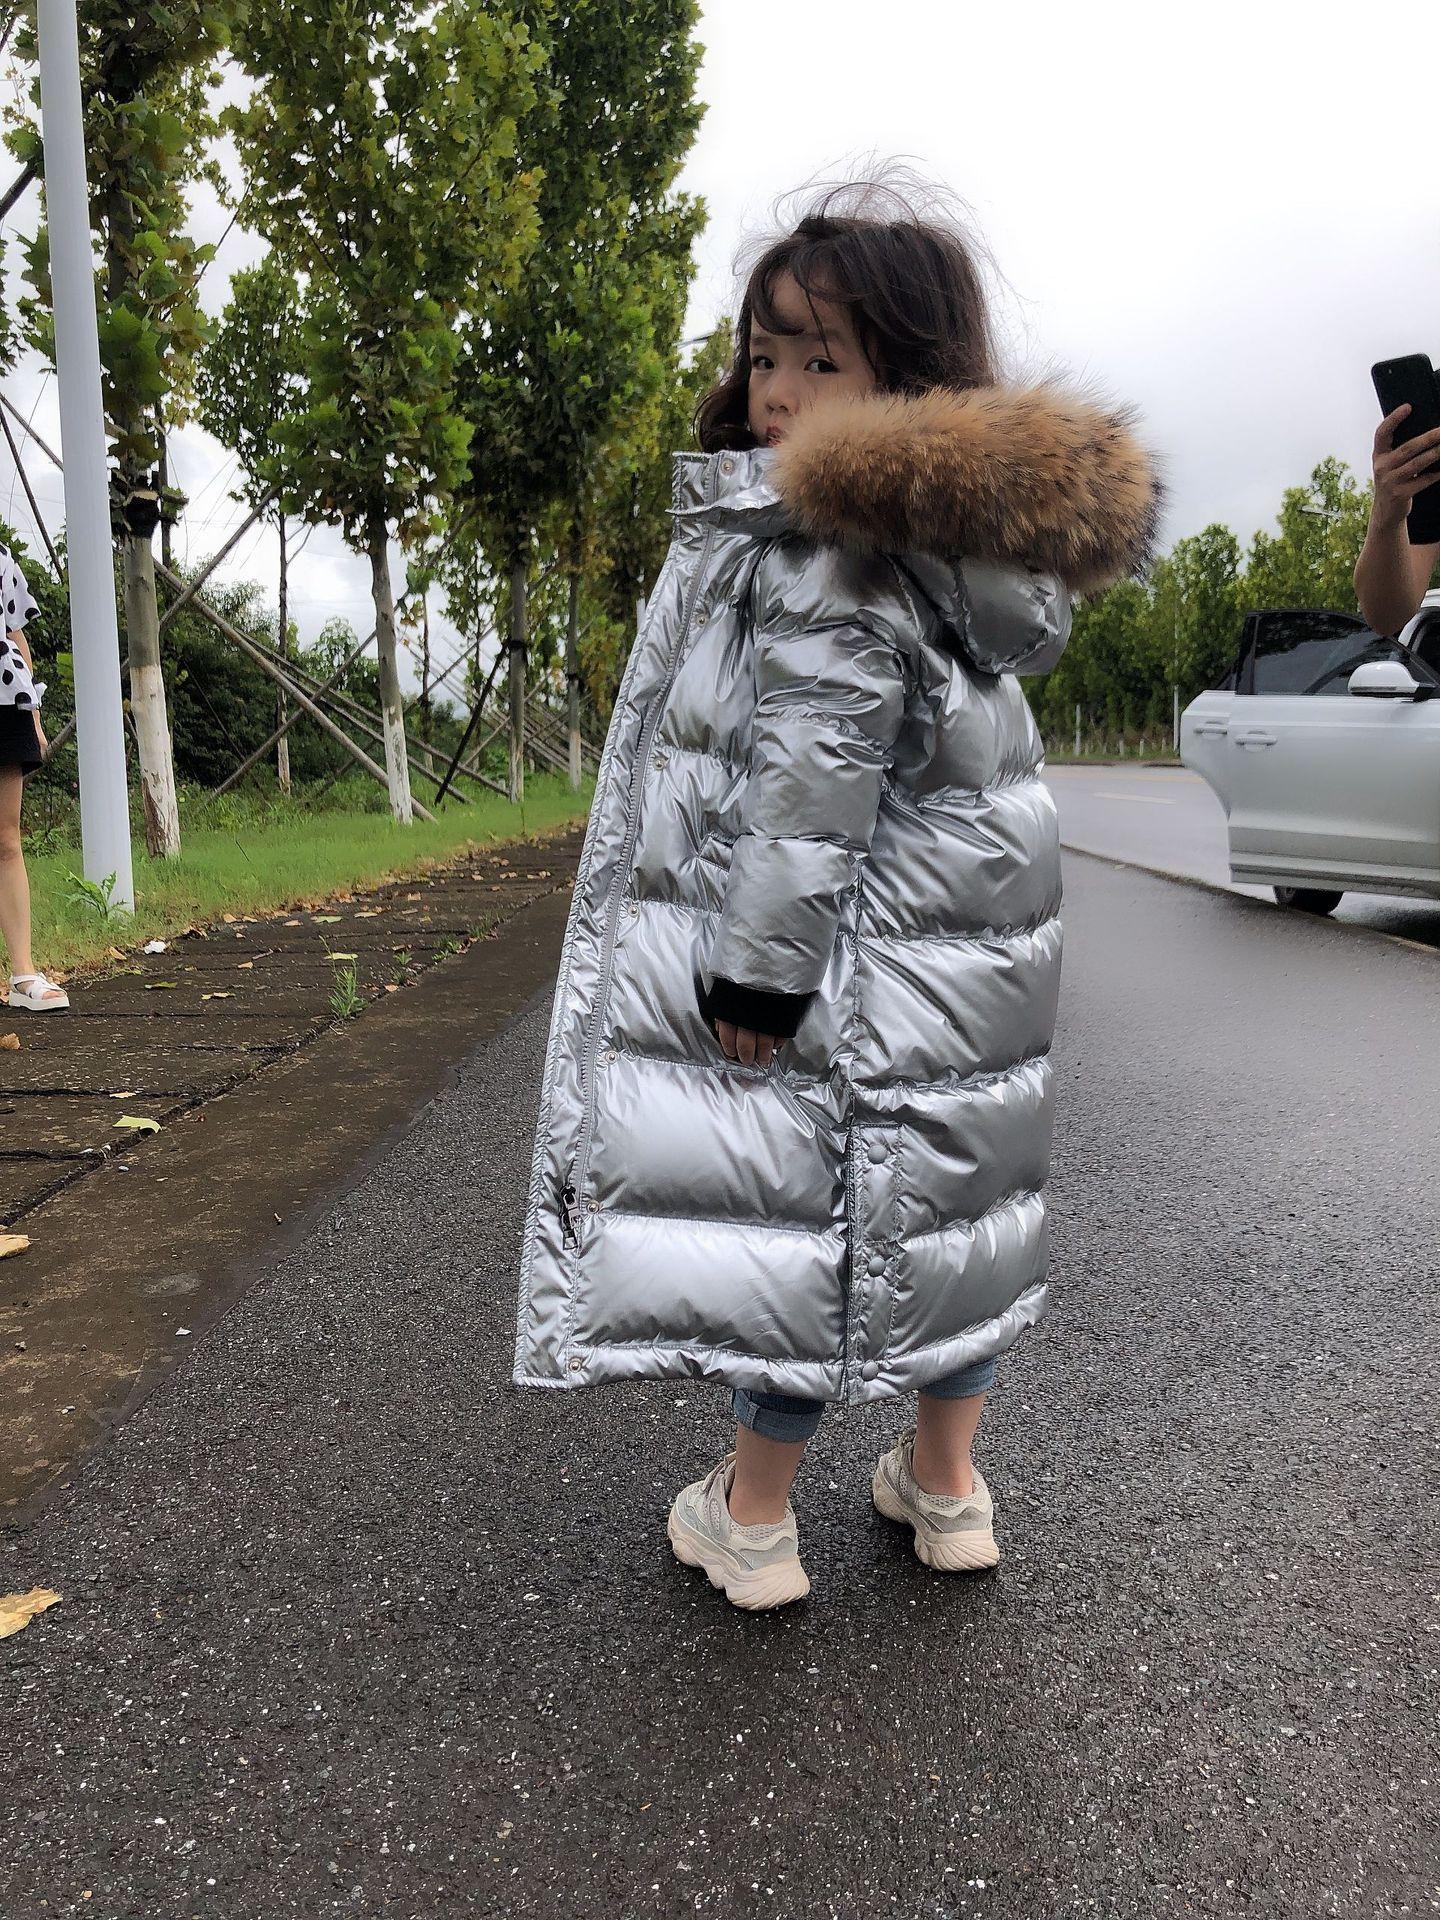 OLEKID 2020 russe hiver doudoune pour filles imperméable brillant chaud filles hiver manteau 5-14 ans adolescente Parka Snowsuit